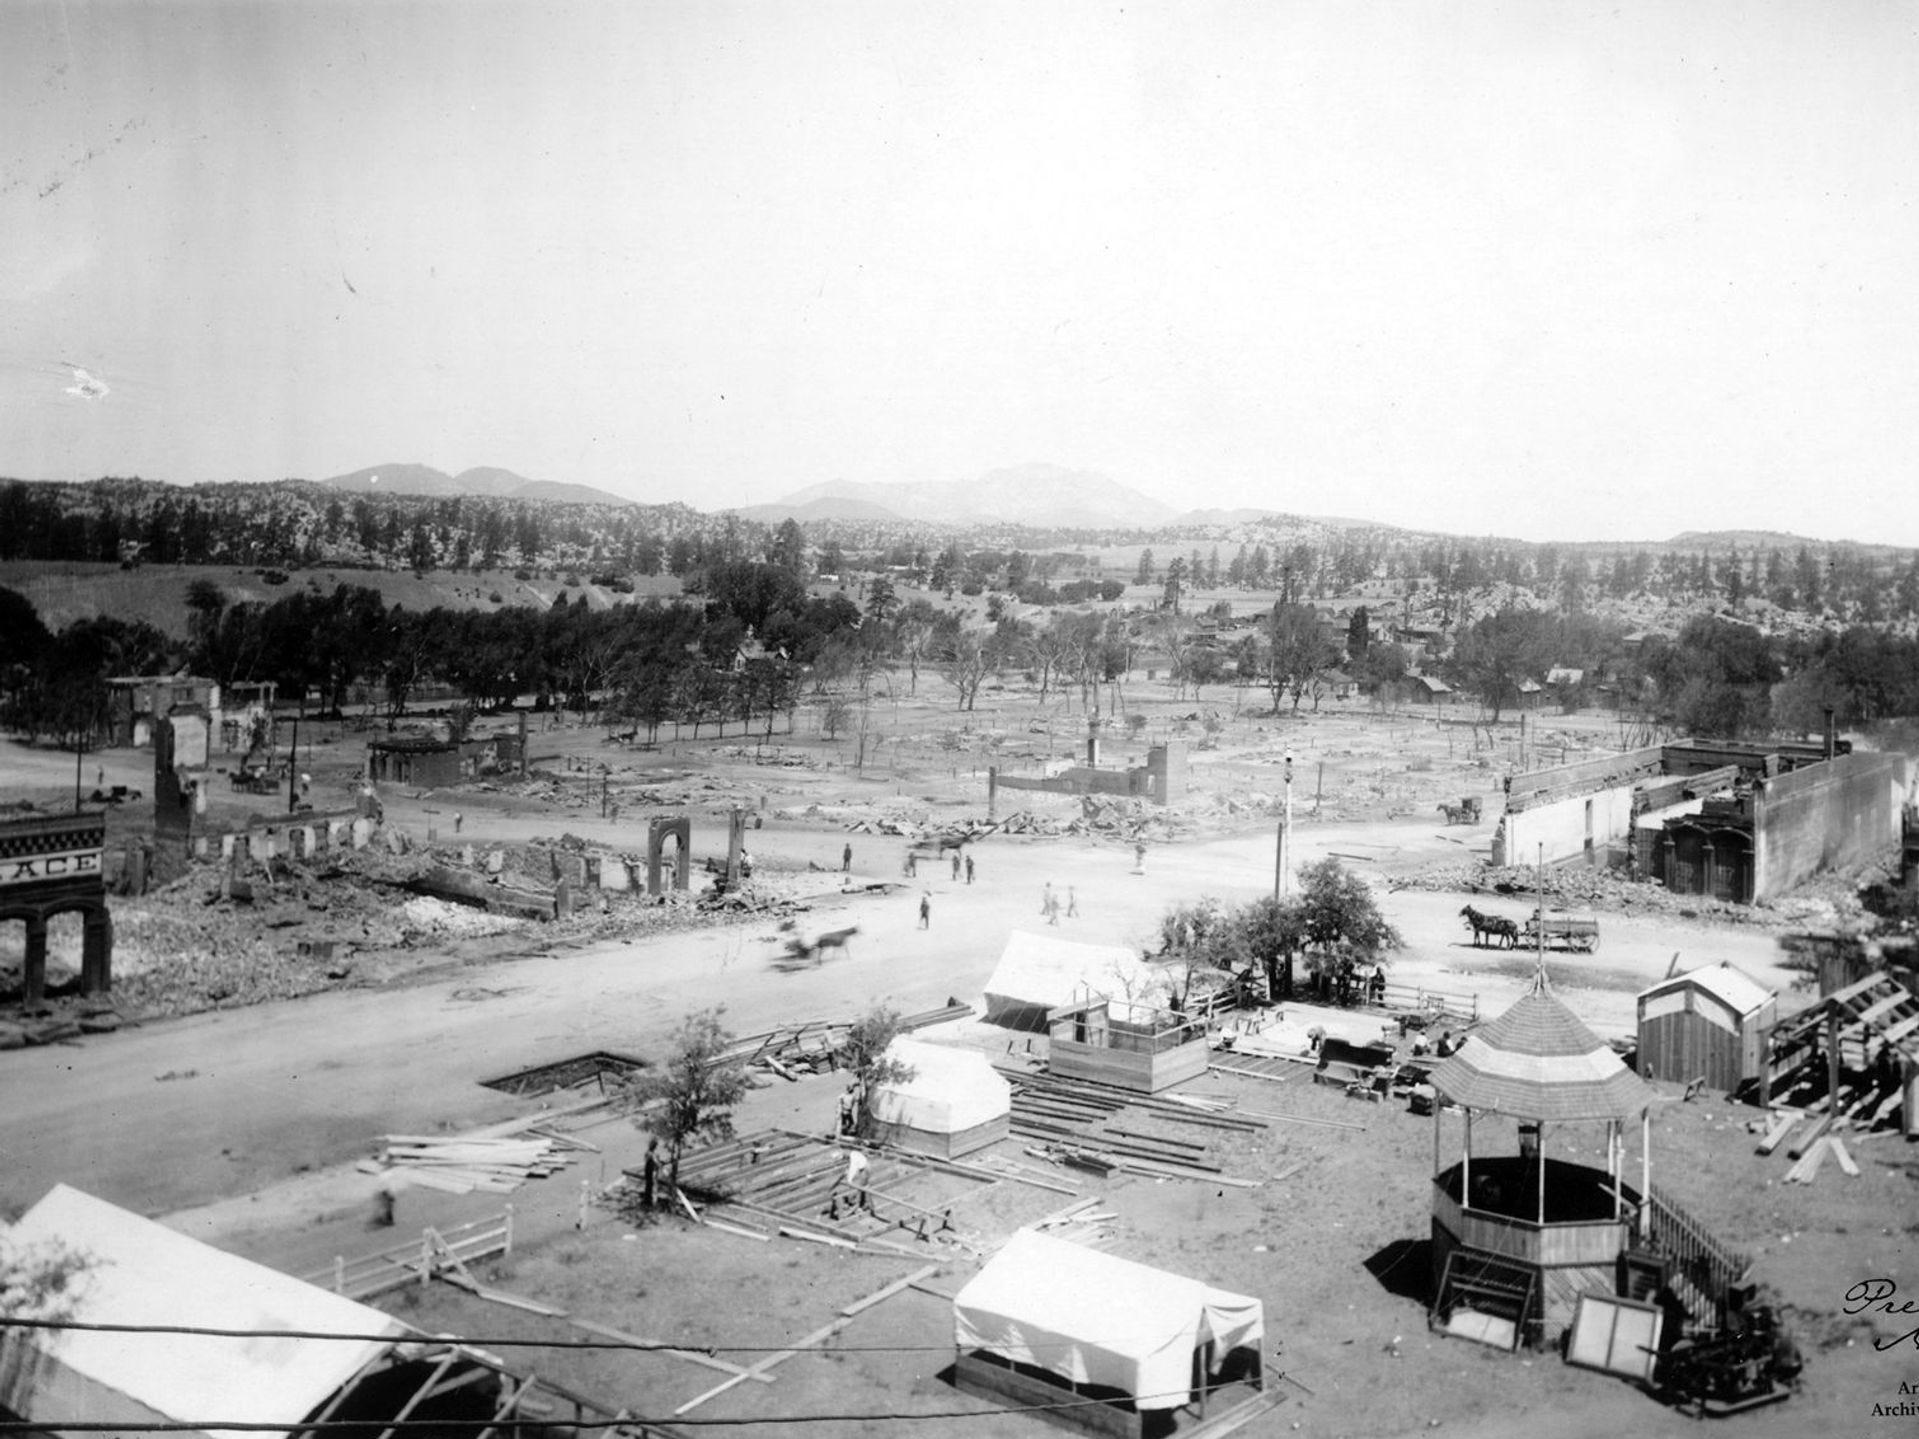 Después del incendio de Prescott en 1900, los propietarios y comerciantes tuvieron poco tiempo para construir edificios temporales y tiendas de campaña para los negocios.